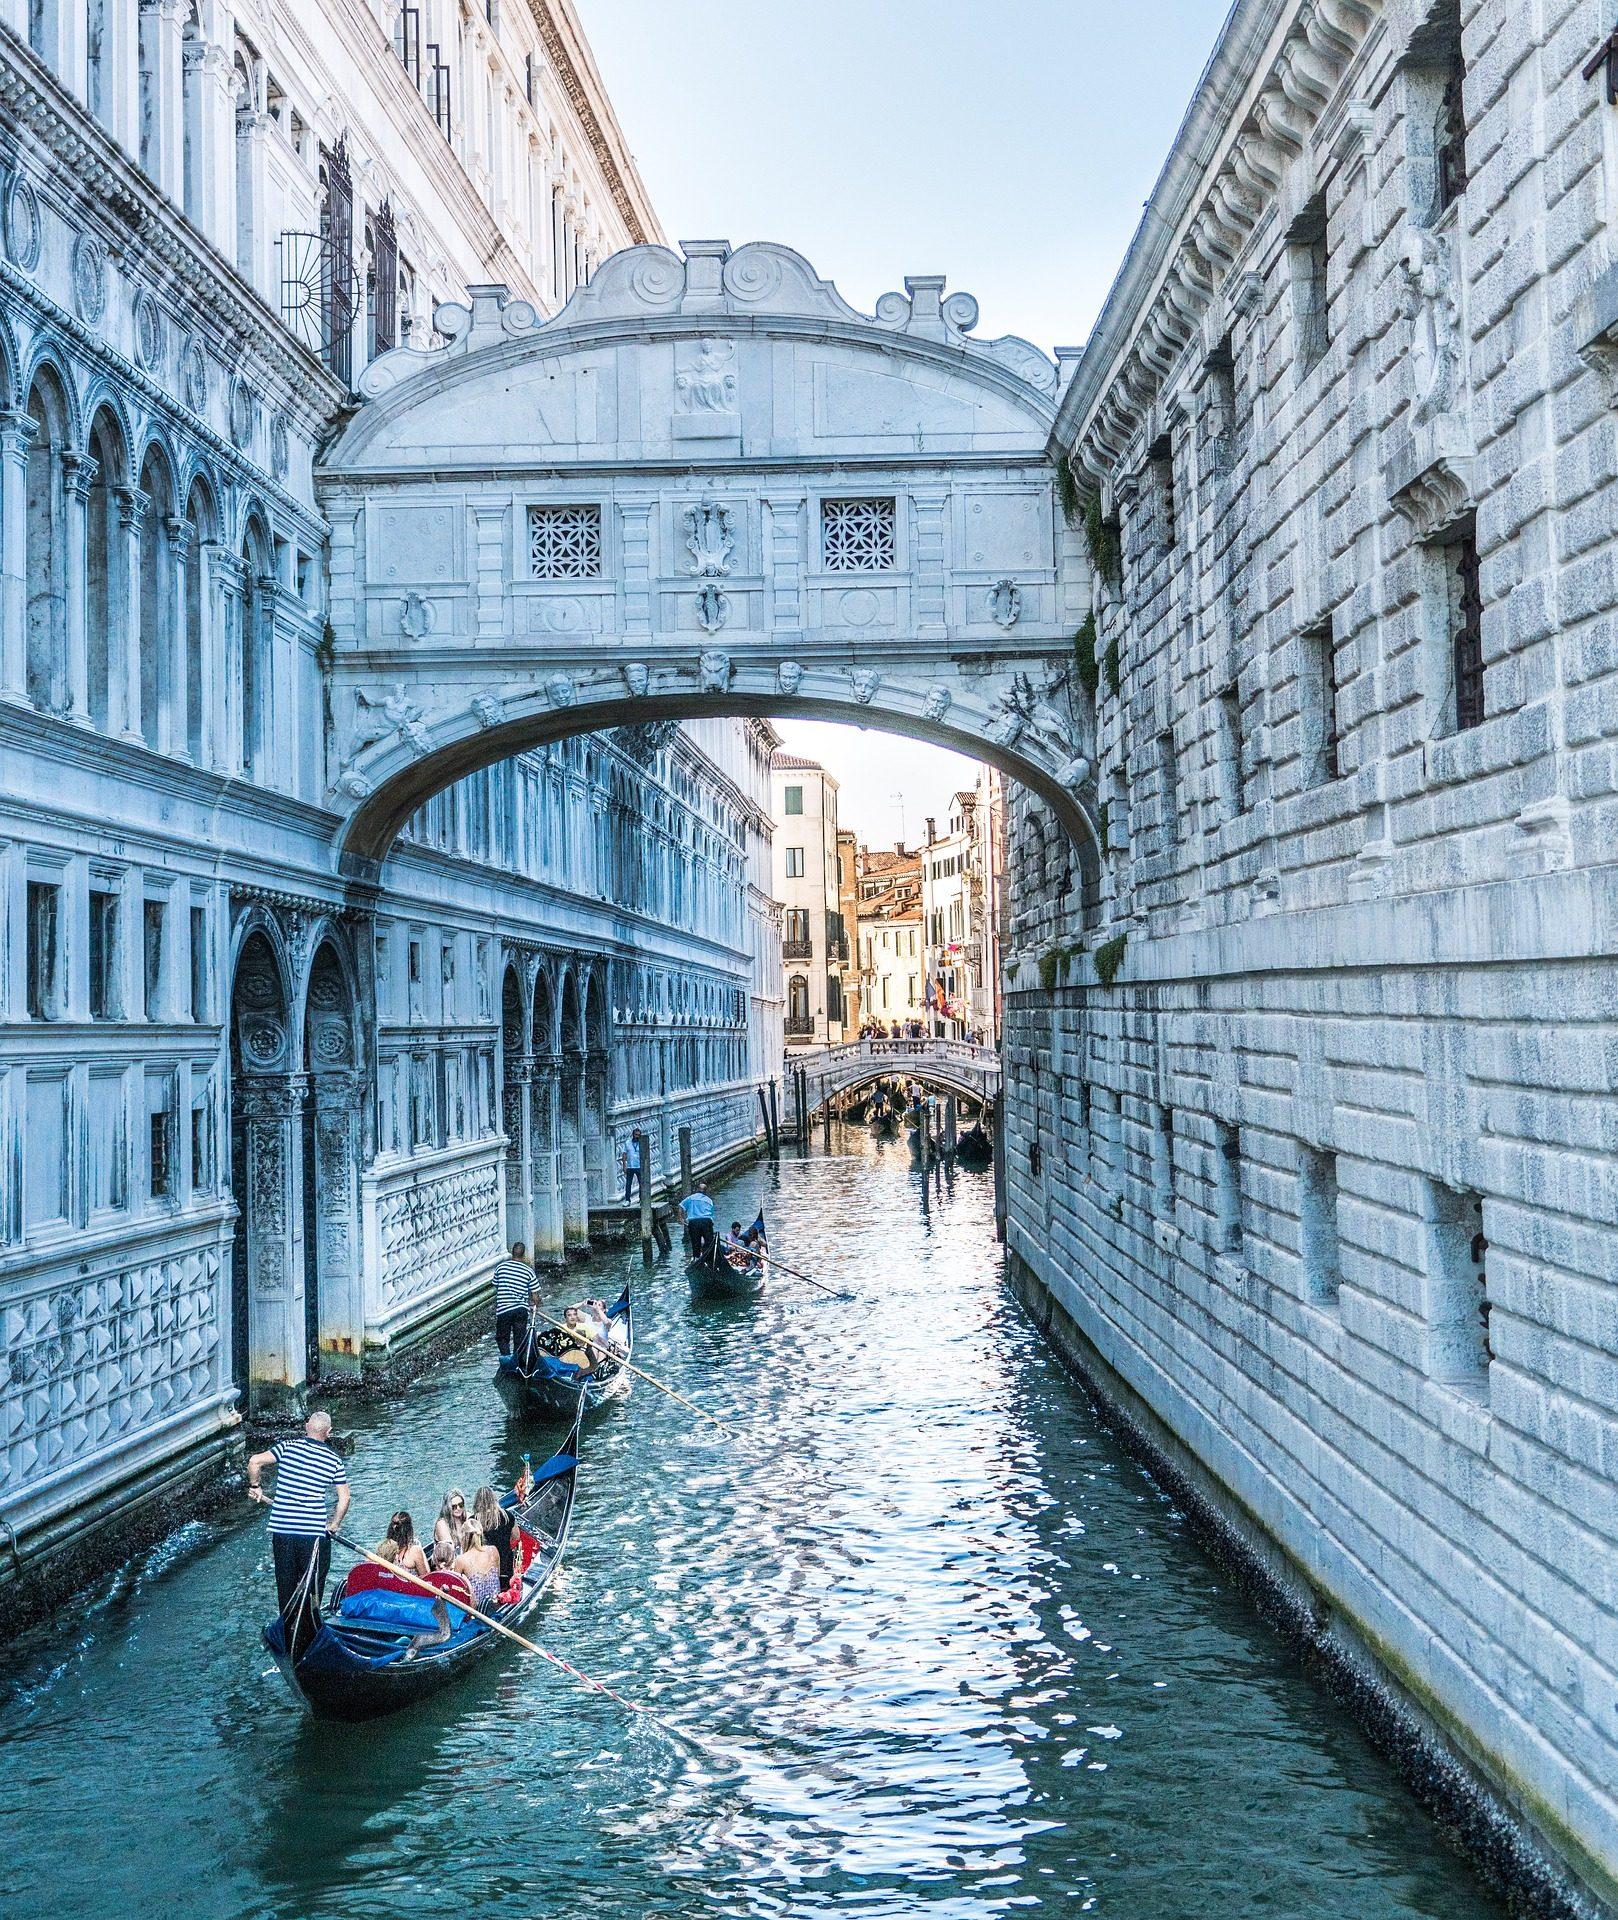 канал, Город, гондолы, здания, воды, Венеция - Обои HD - Профессор falken.com